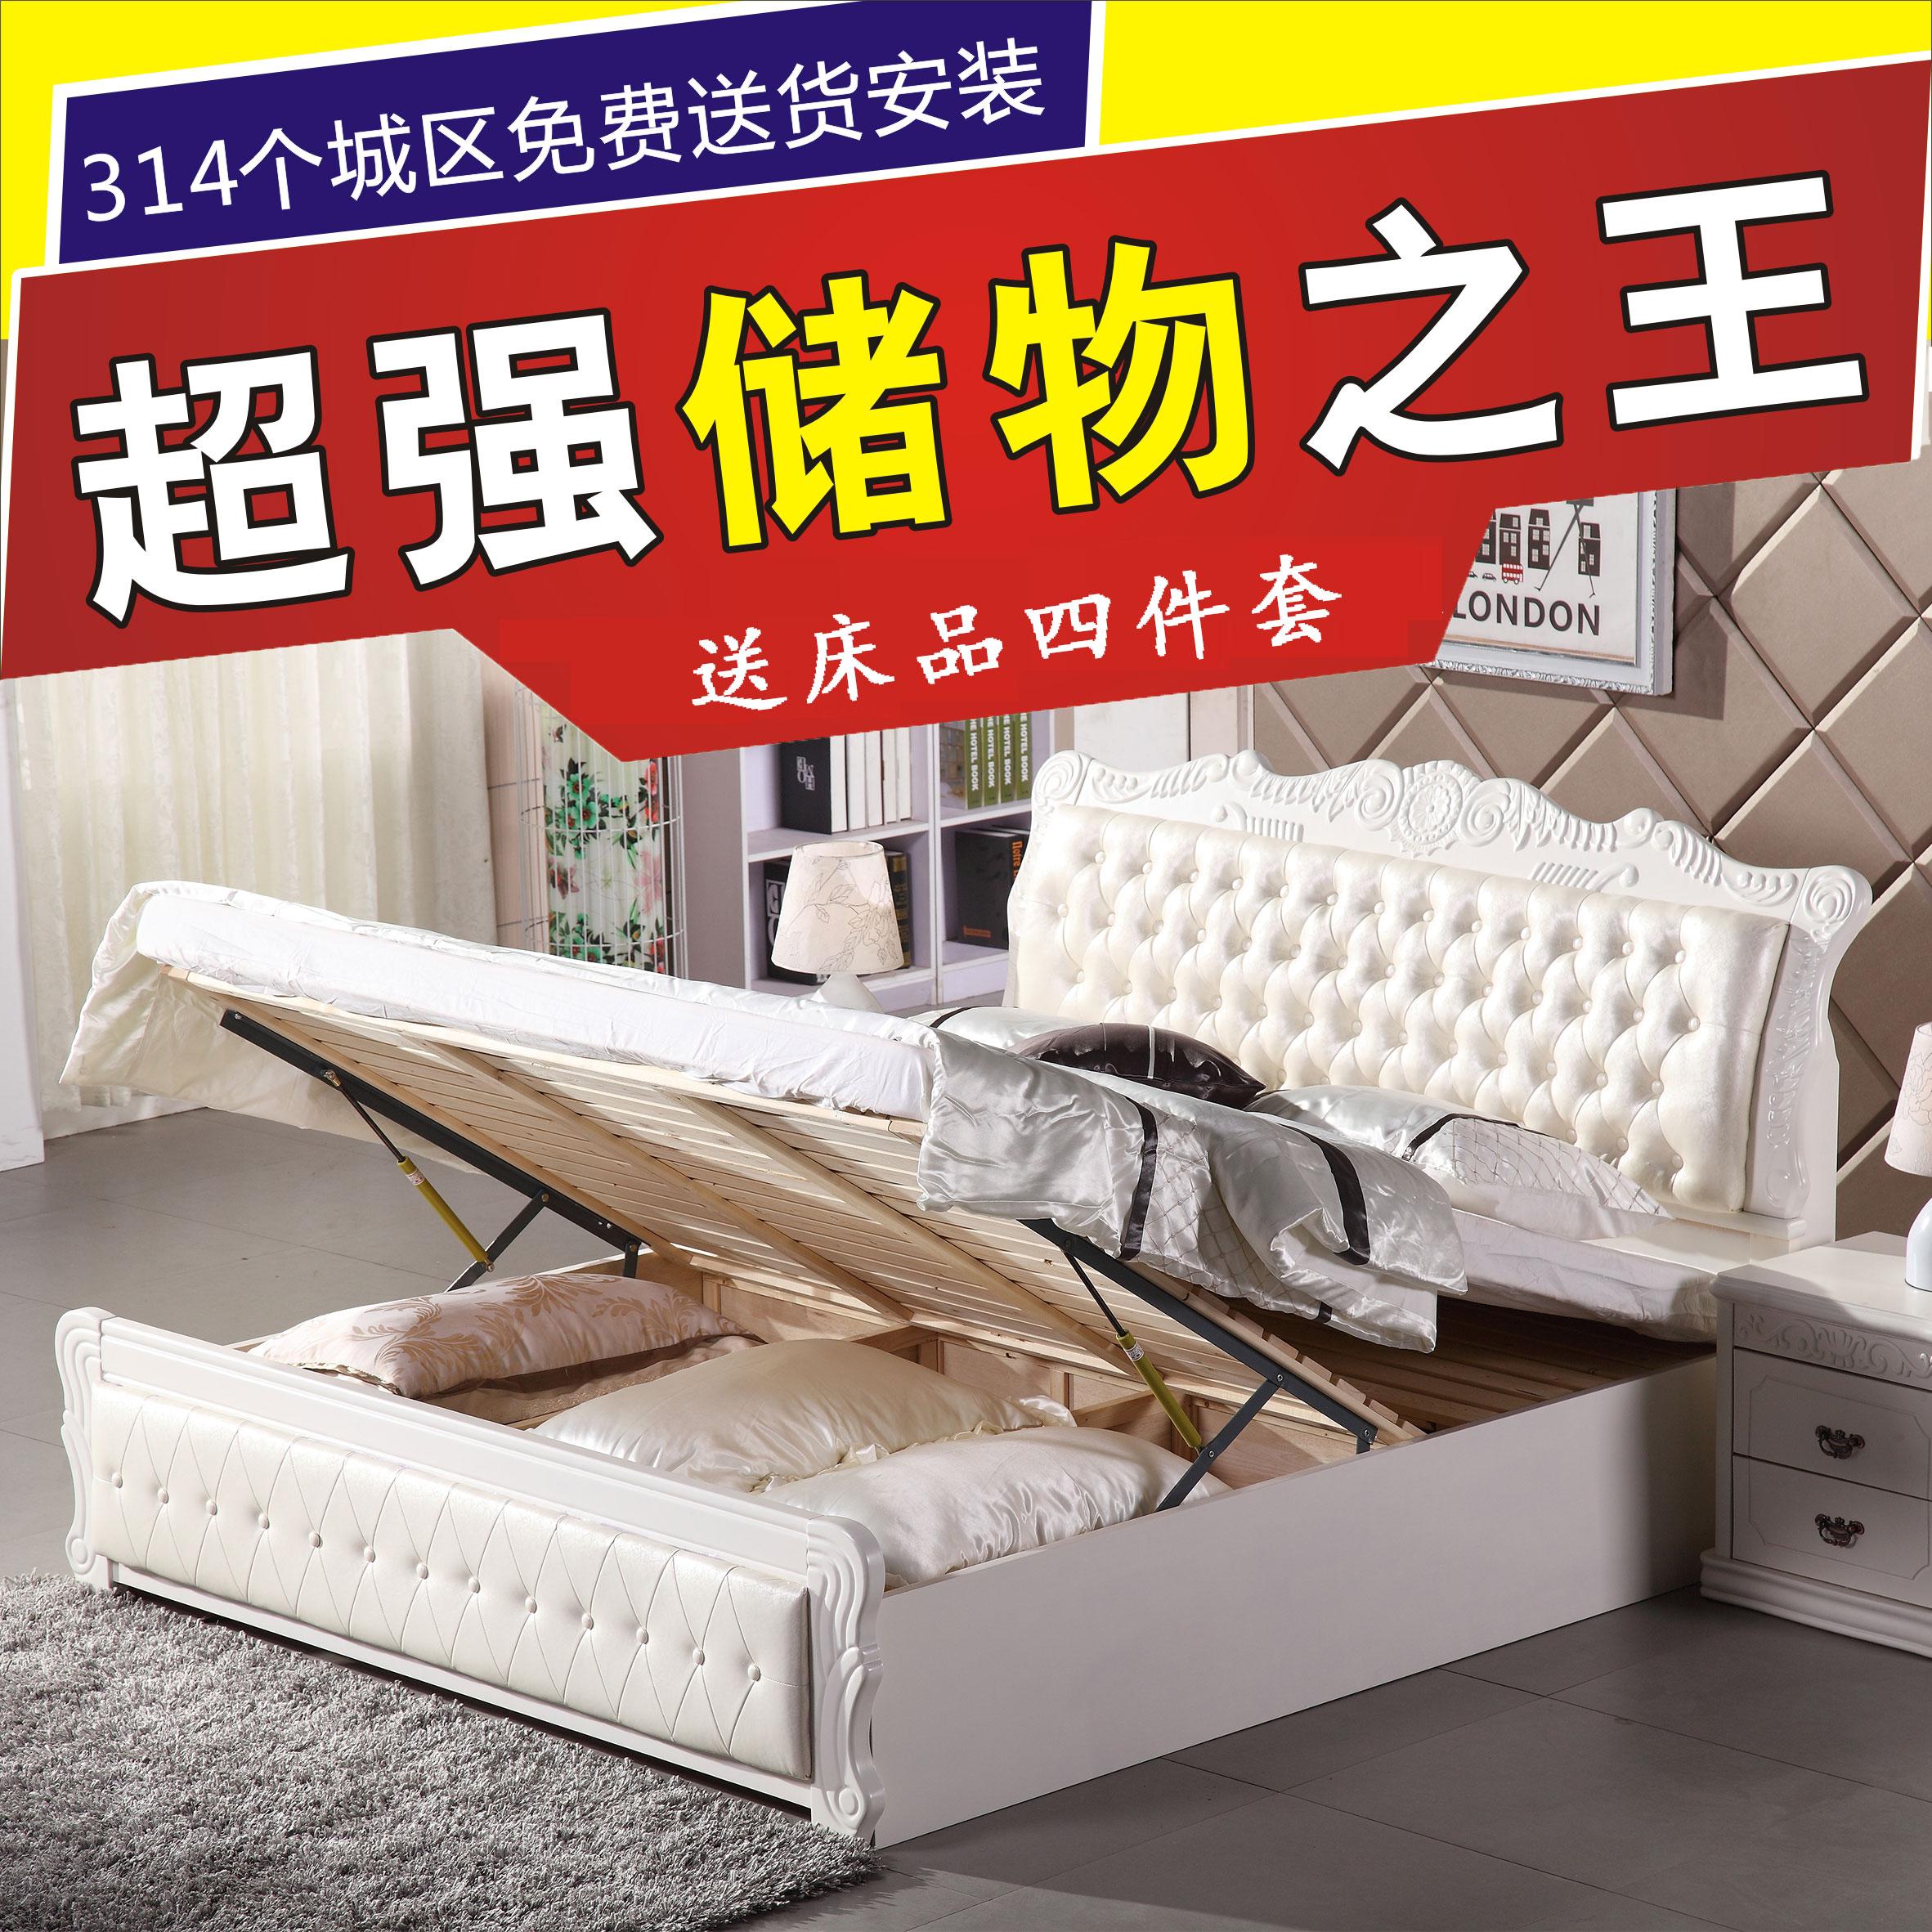 Кровать из массива дерева OU Home Museum 1.8 1.5 кровать из массива дерева xuan elegance furniture